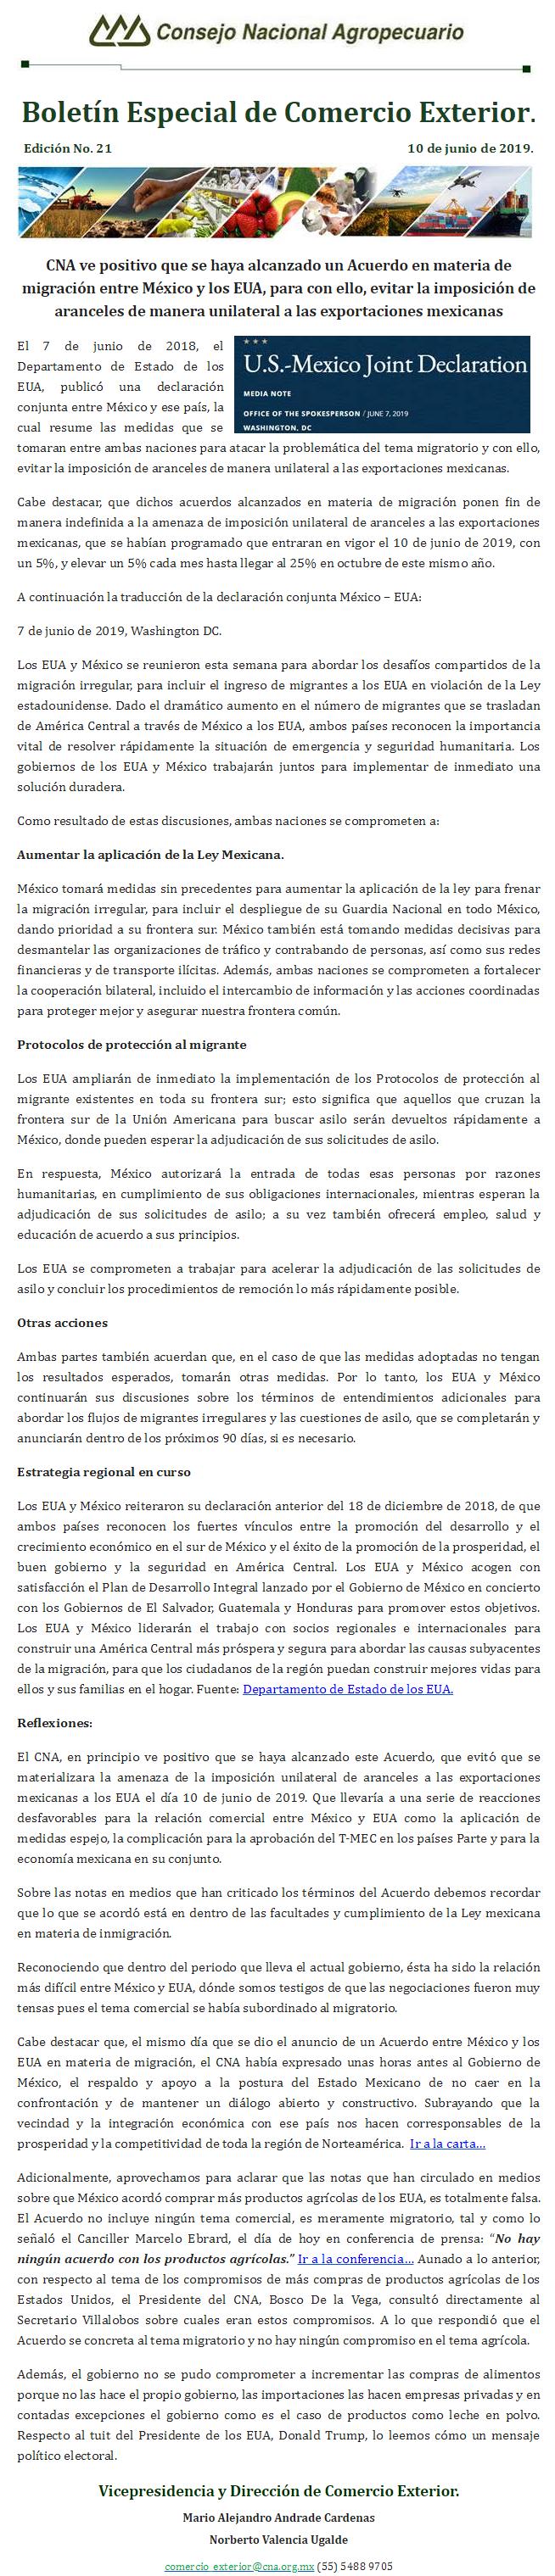 Boletín Especial de Comercio Exterior del CNA, Edición No. 21